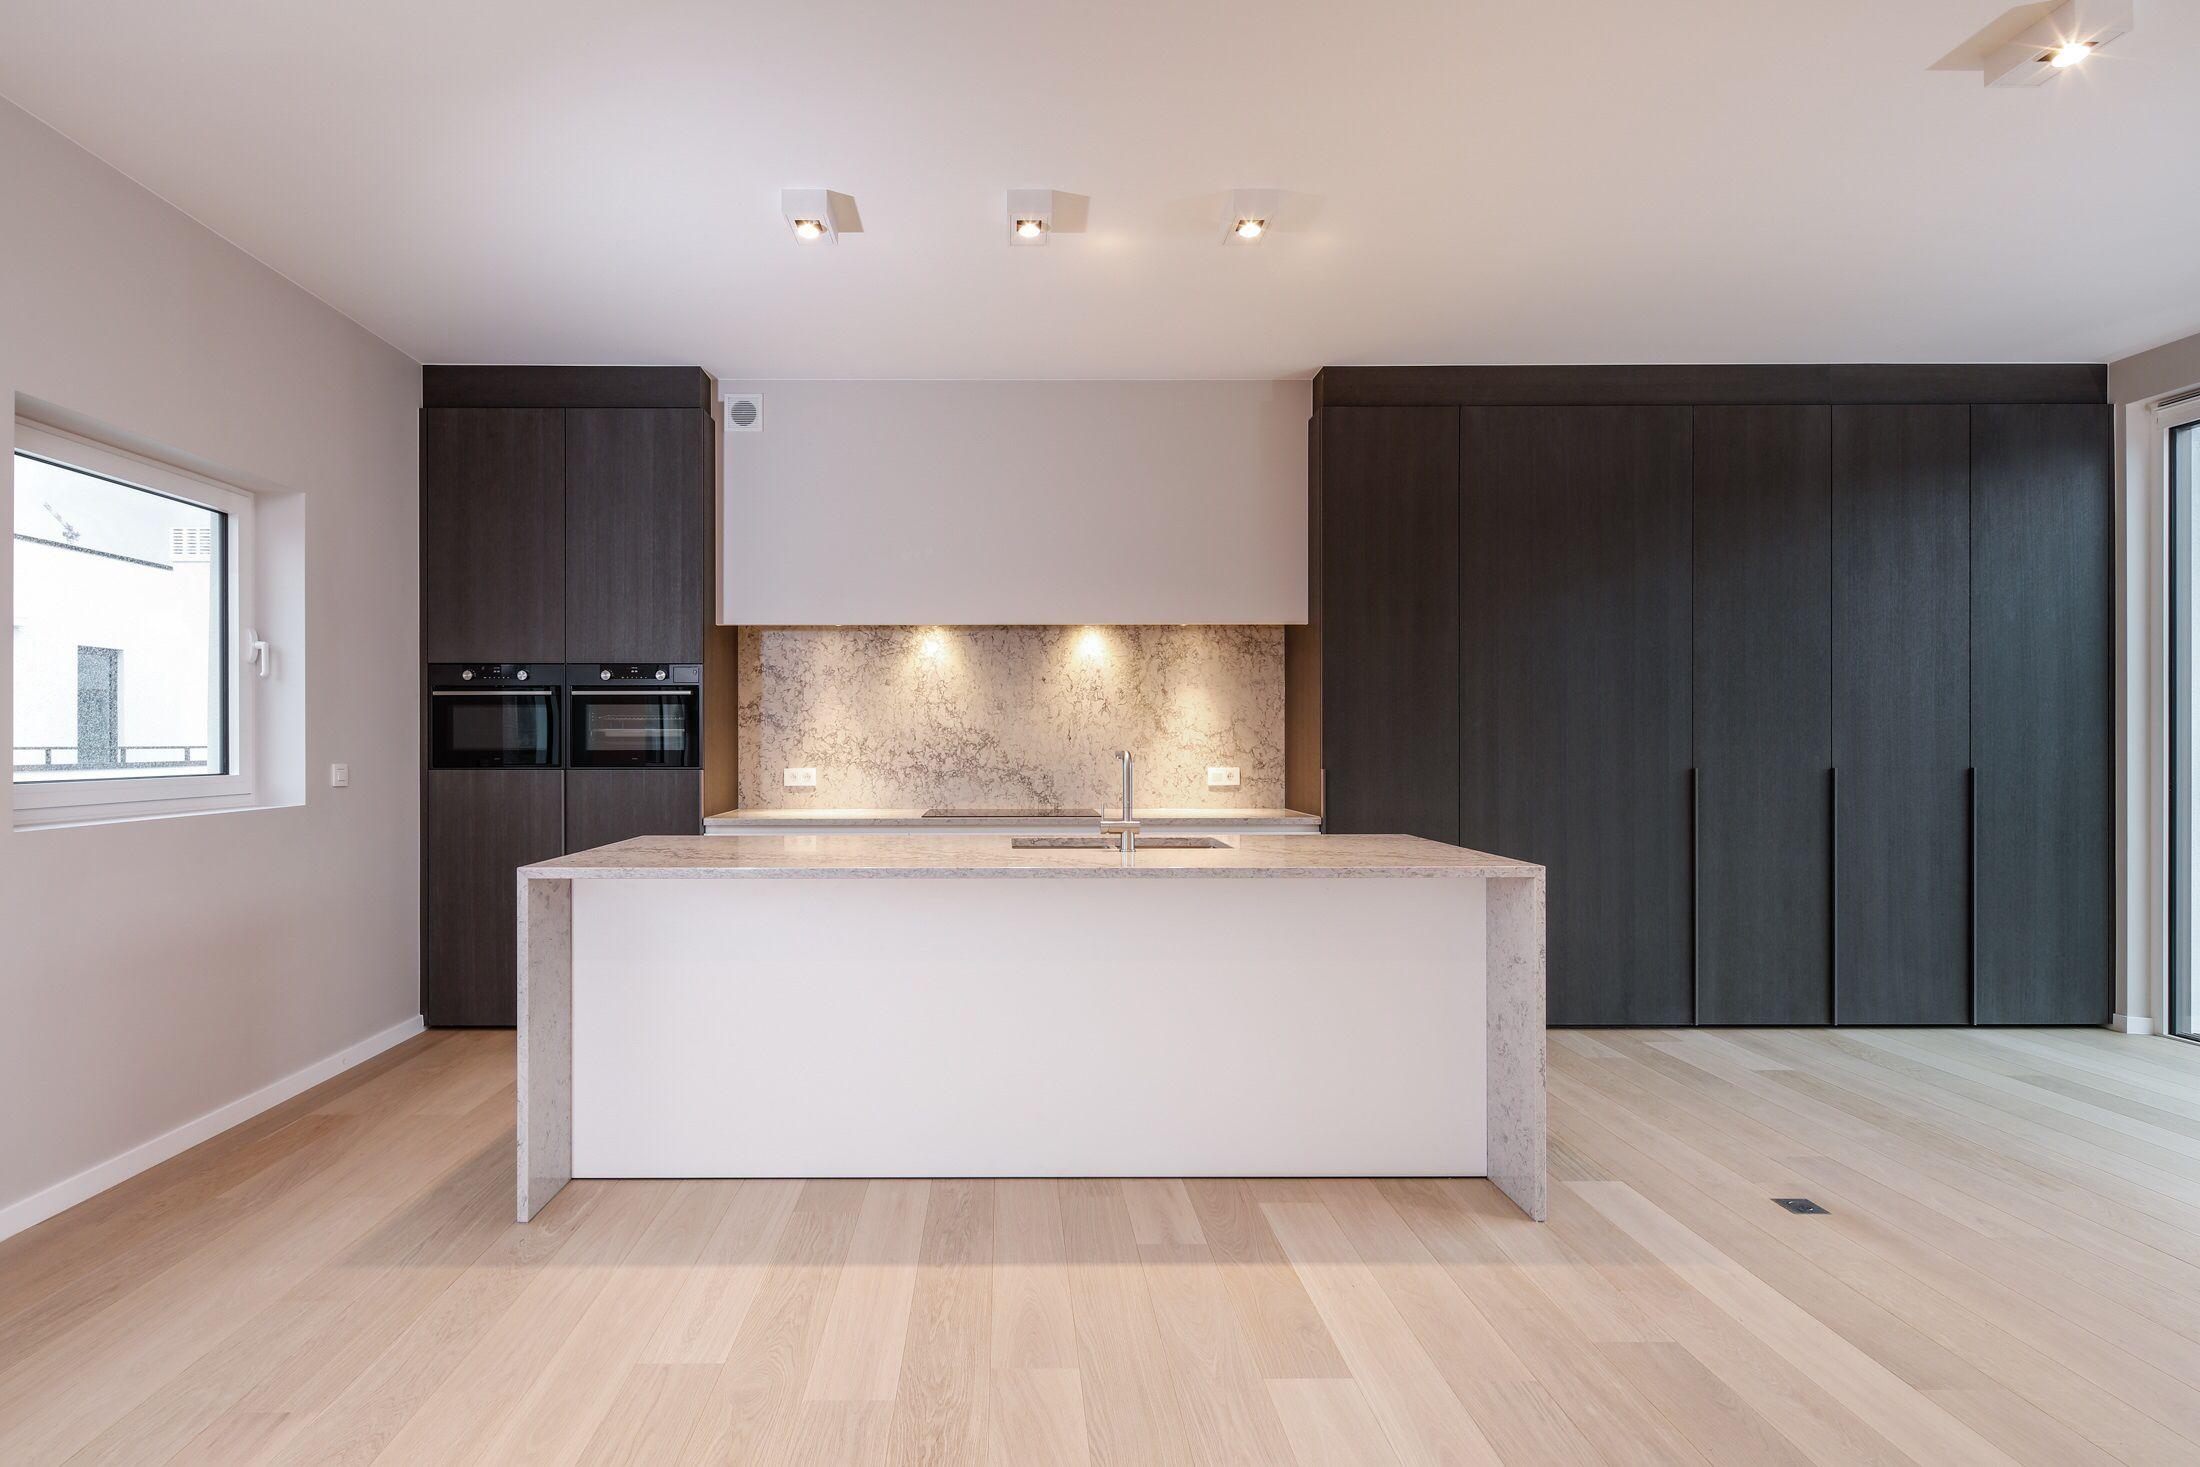 Modern Interieur Wit : Differend #differendinteriordesign #interieurarchitectuur